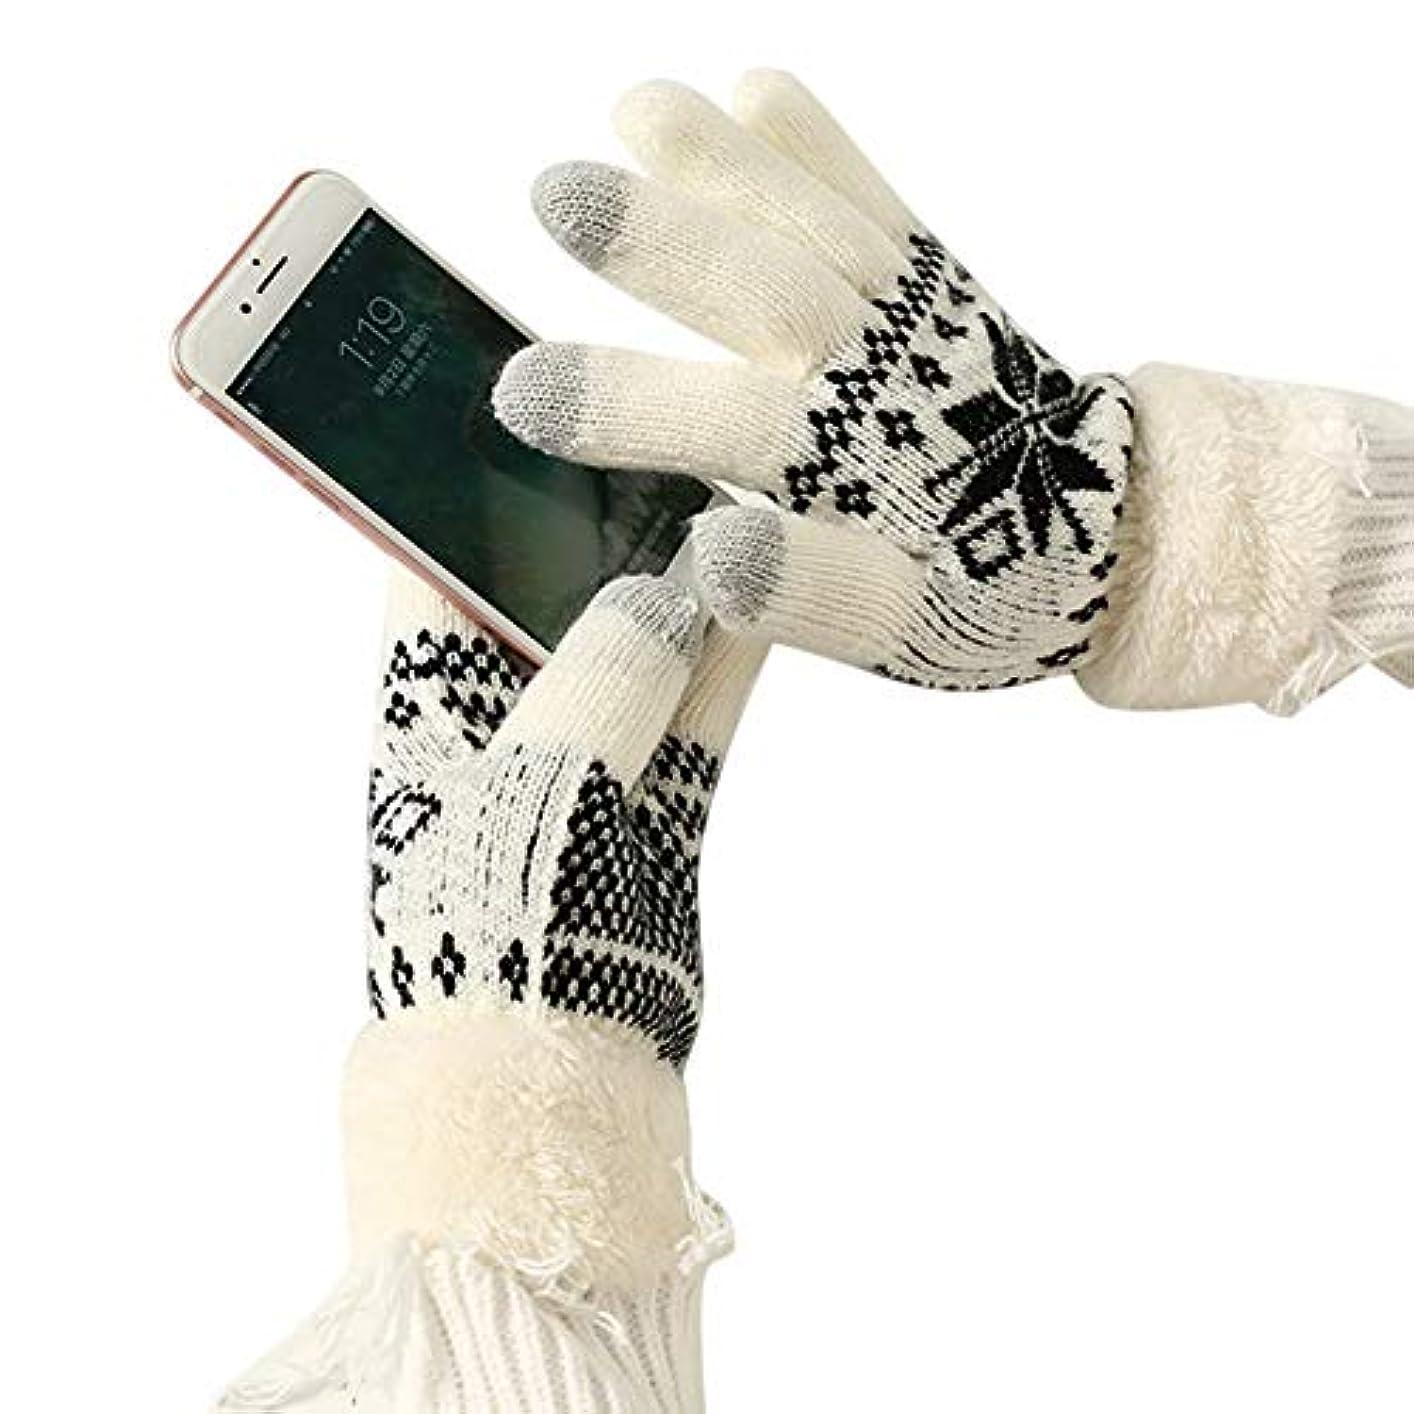 ホット効果的突撃Tengfly女性タッチスクリーングローブ、冬暖かいニットグローブ、柔らかい余分な暖かいフリースタッチスクリーングローブ、女性のための雪の花編み肥厚冬屋外2019新しいクリスマスギフト